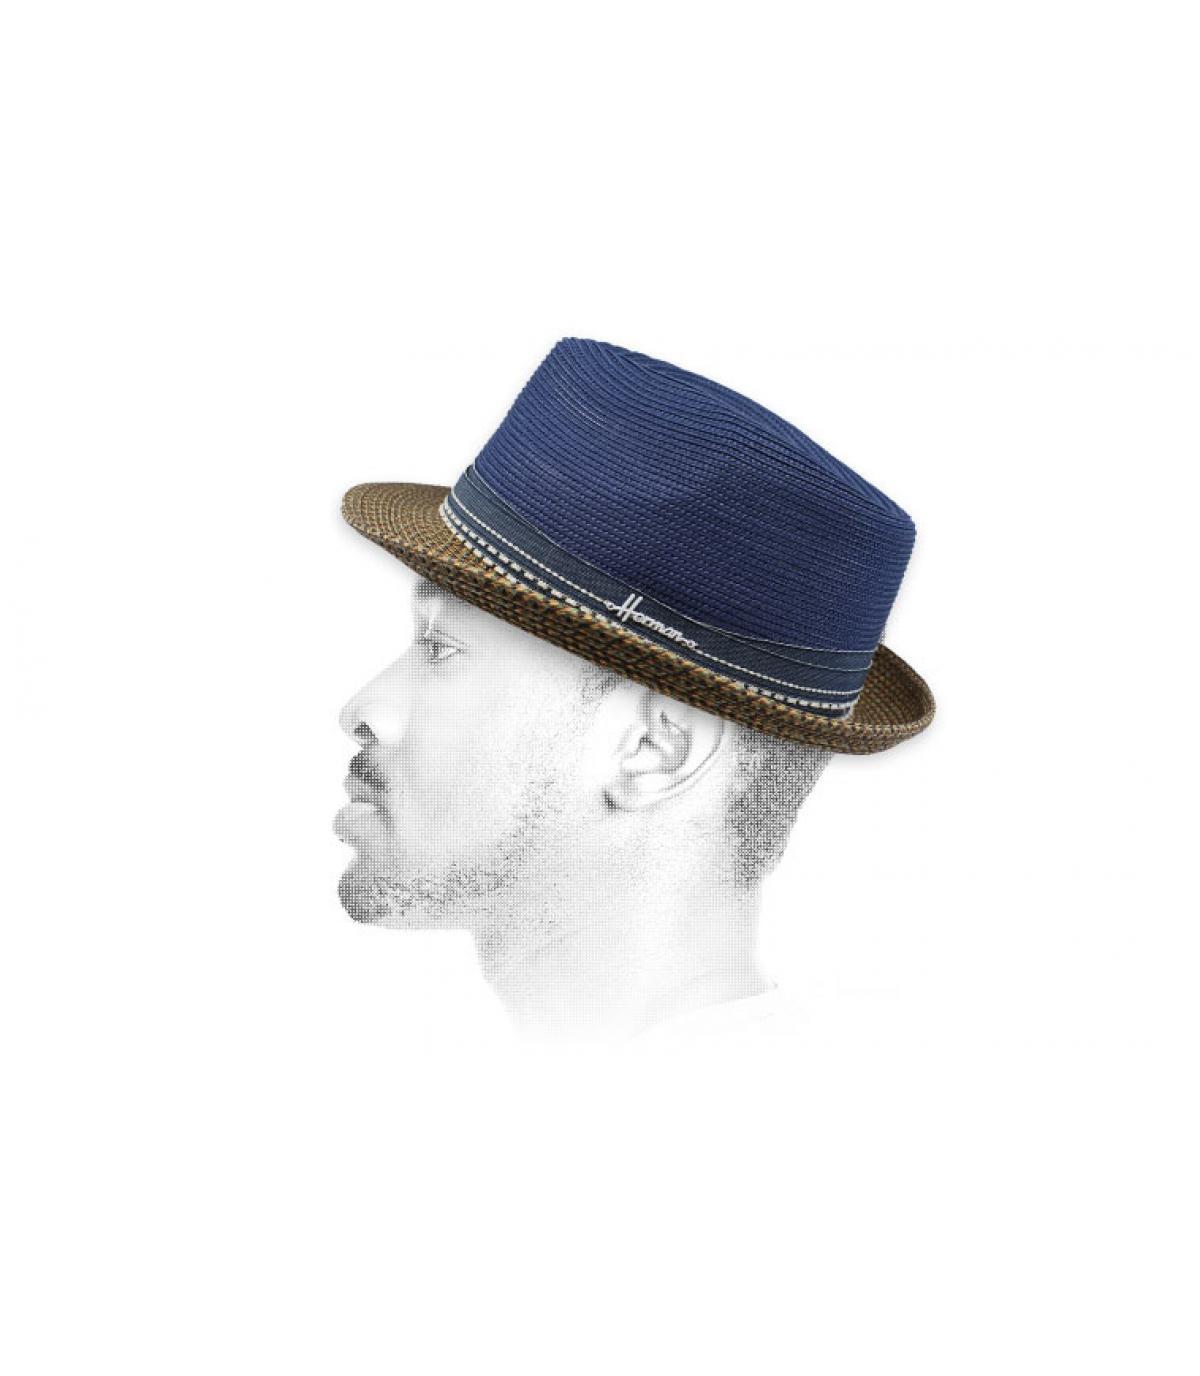 Blaue Strohhut wasserabweisend